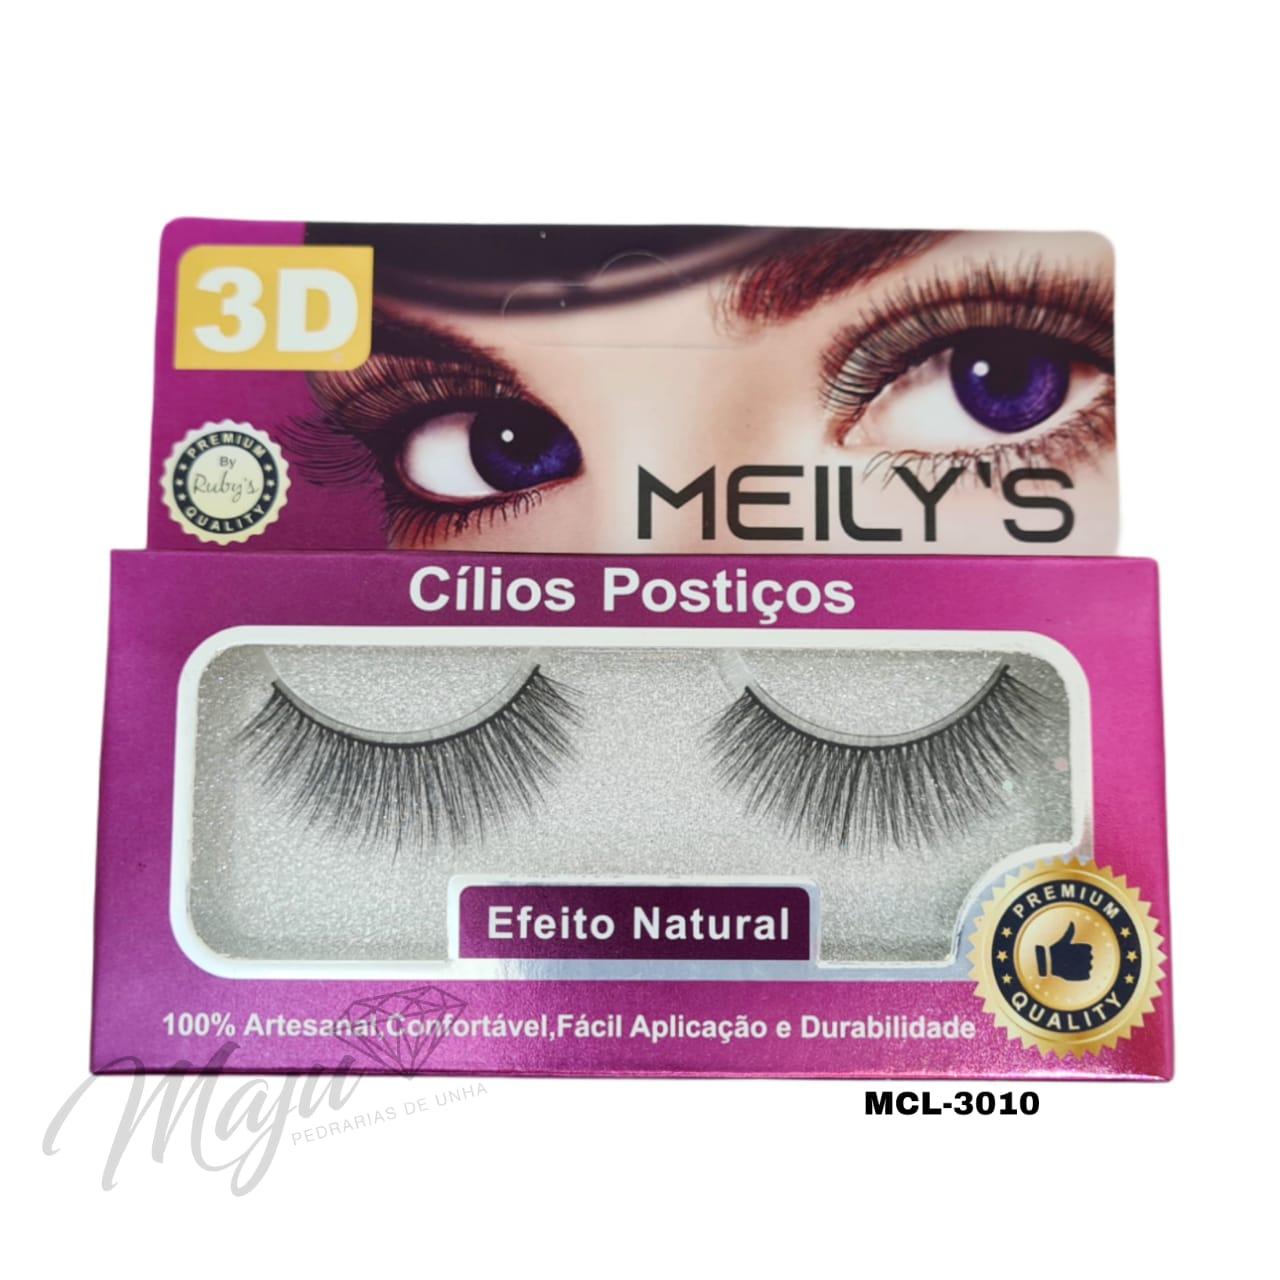 CILIO POSTIÇO PAR MEILYS MCL-3010